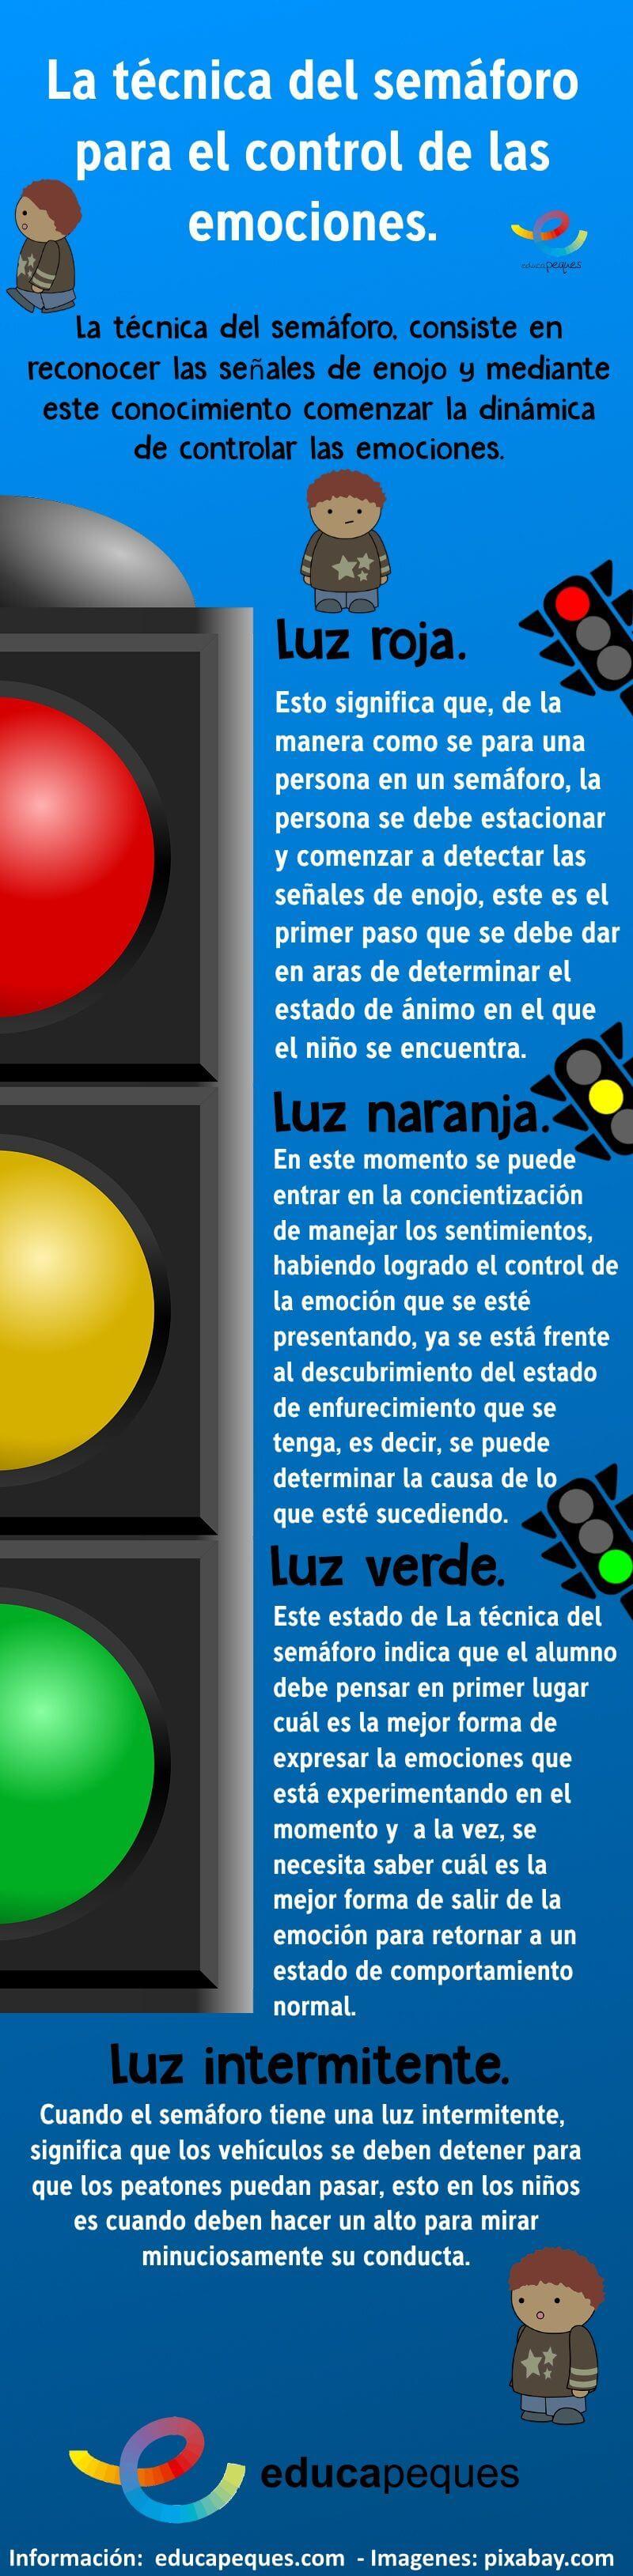 Infografia semaforo para el control de las emociones